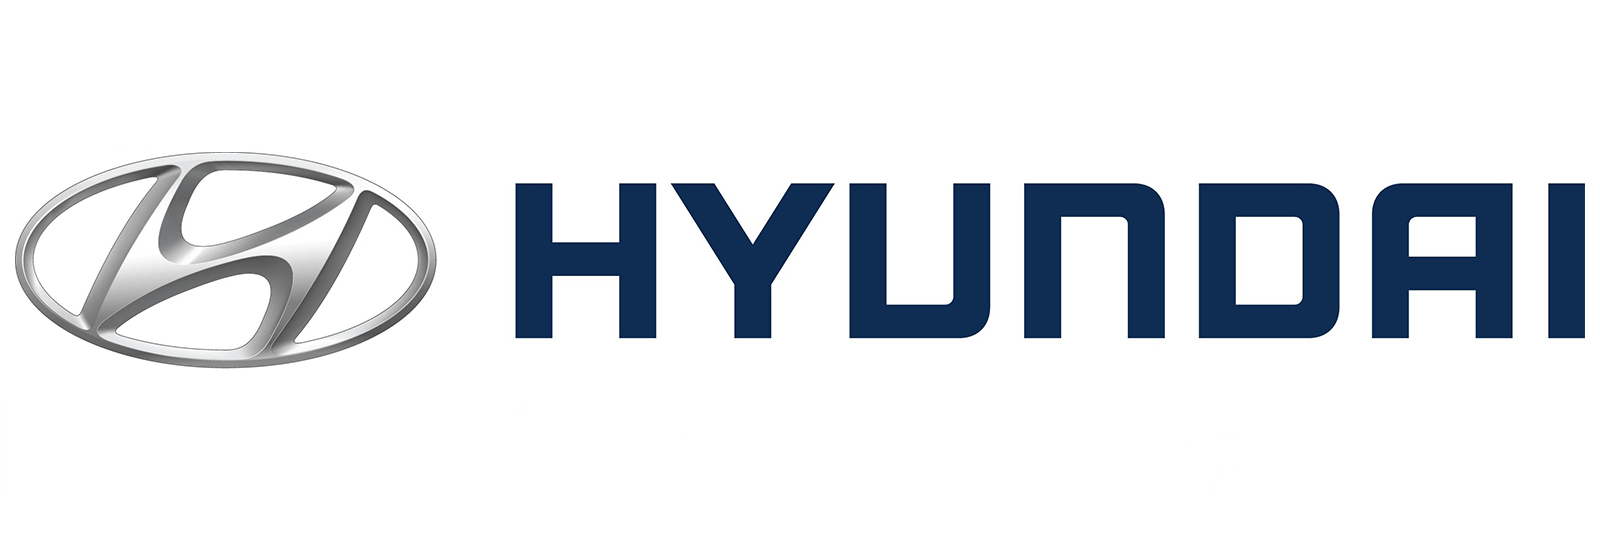 Marcas de coches hyundai-logo